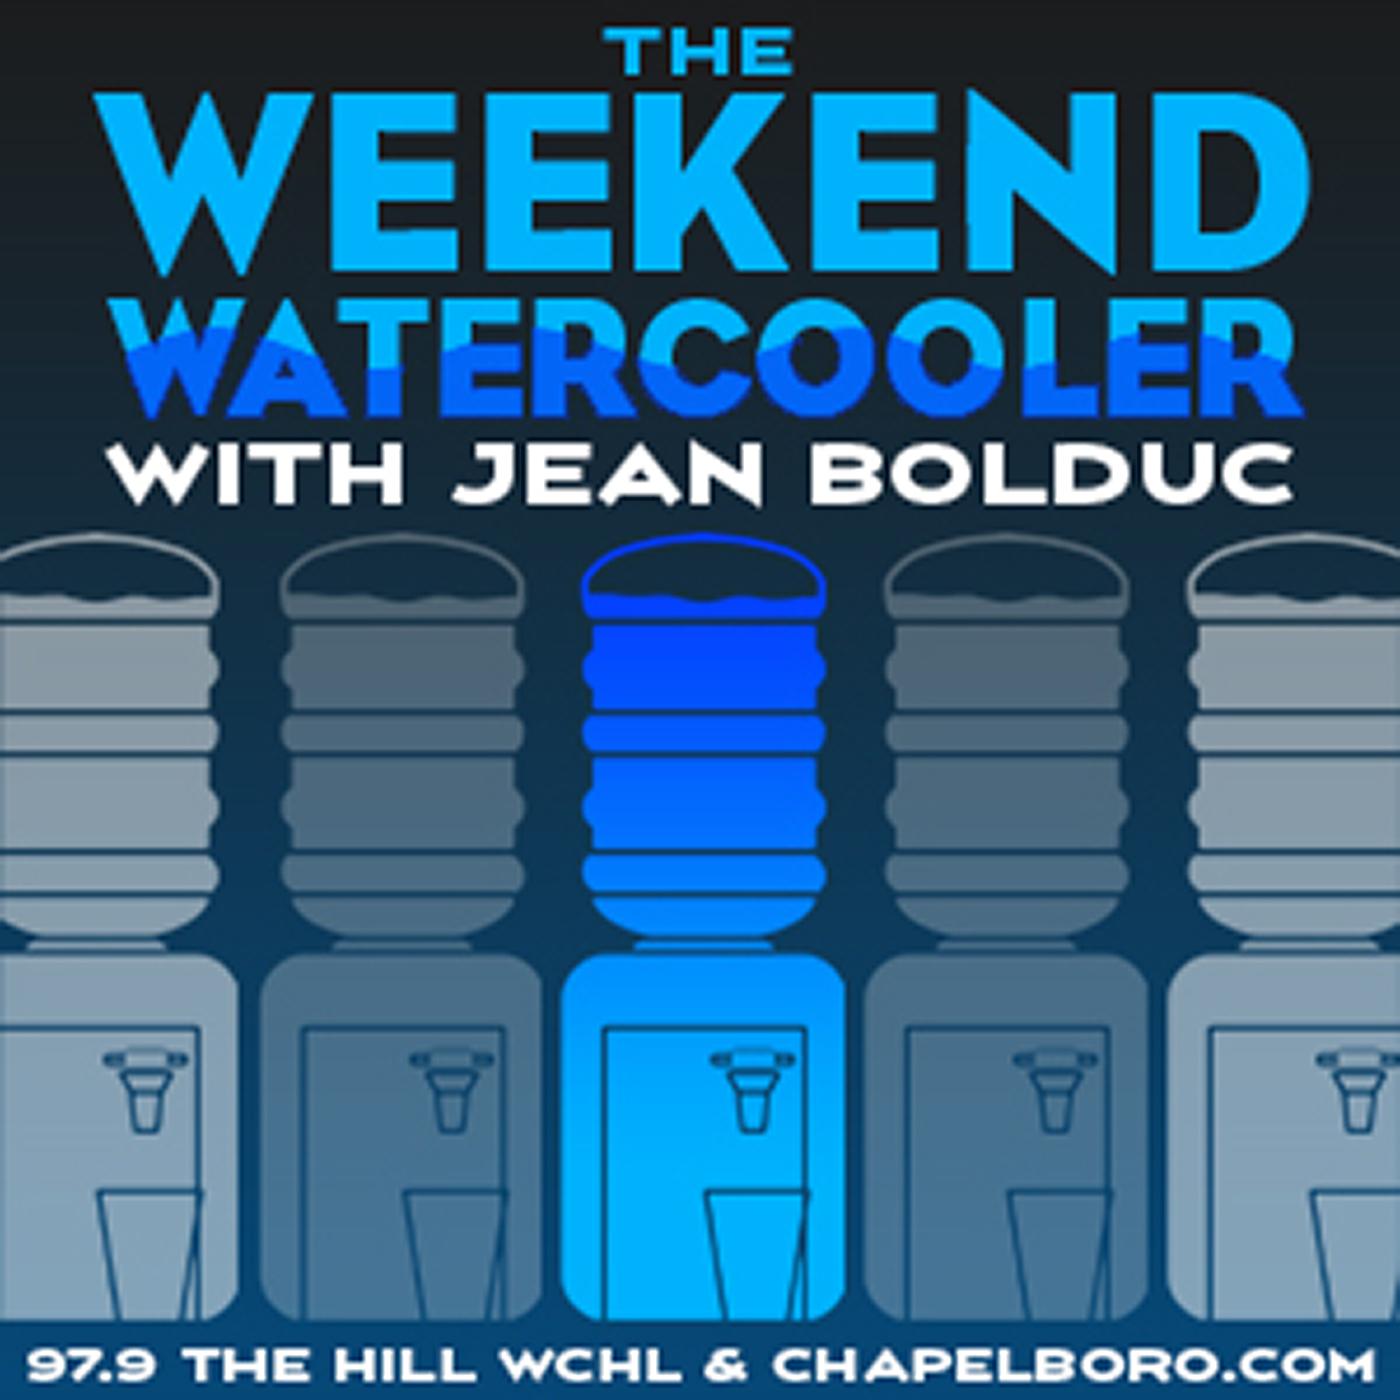 Weekend Watercooler